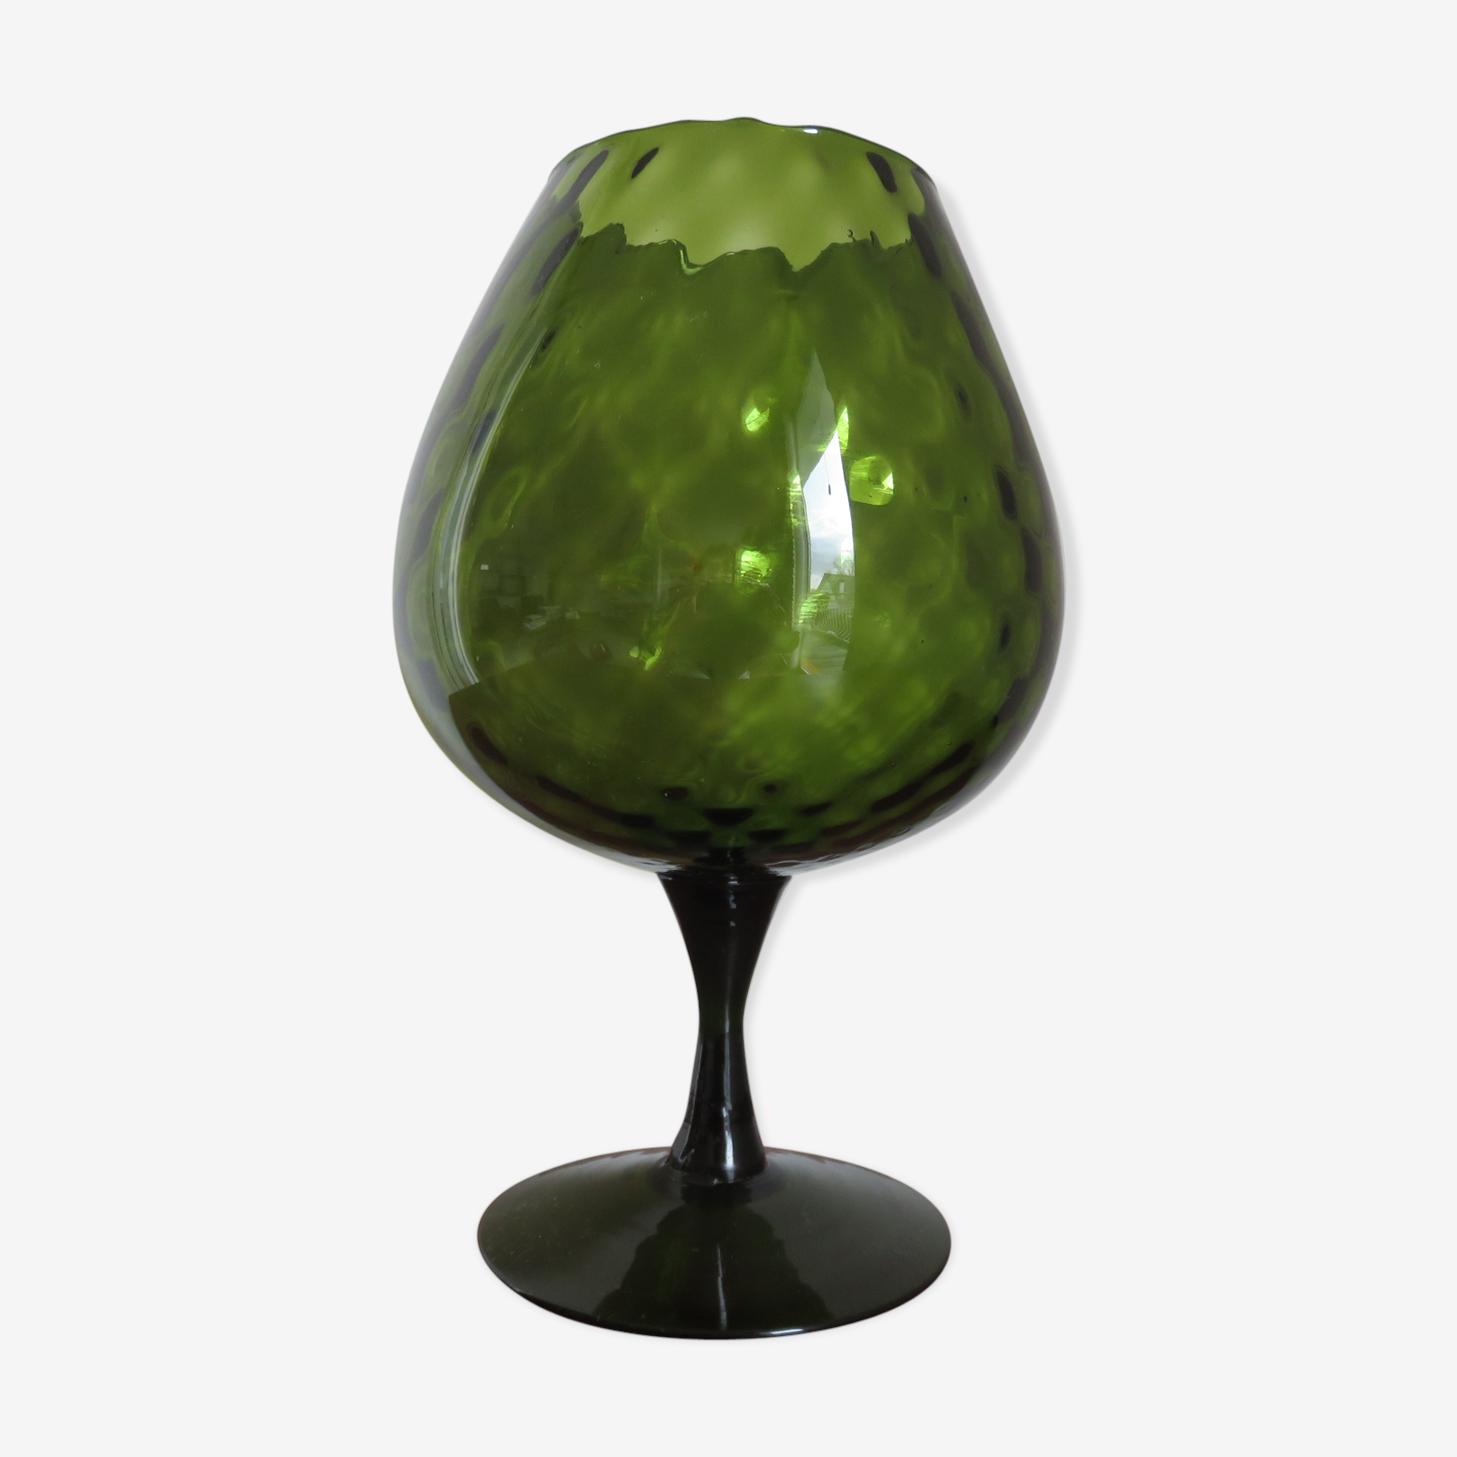 Italian blown glass vase 1970